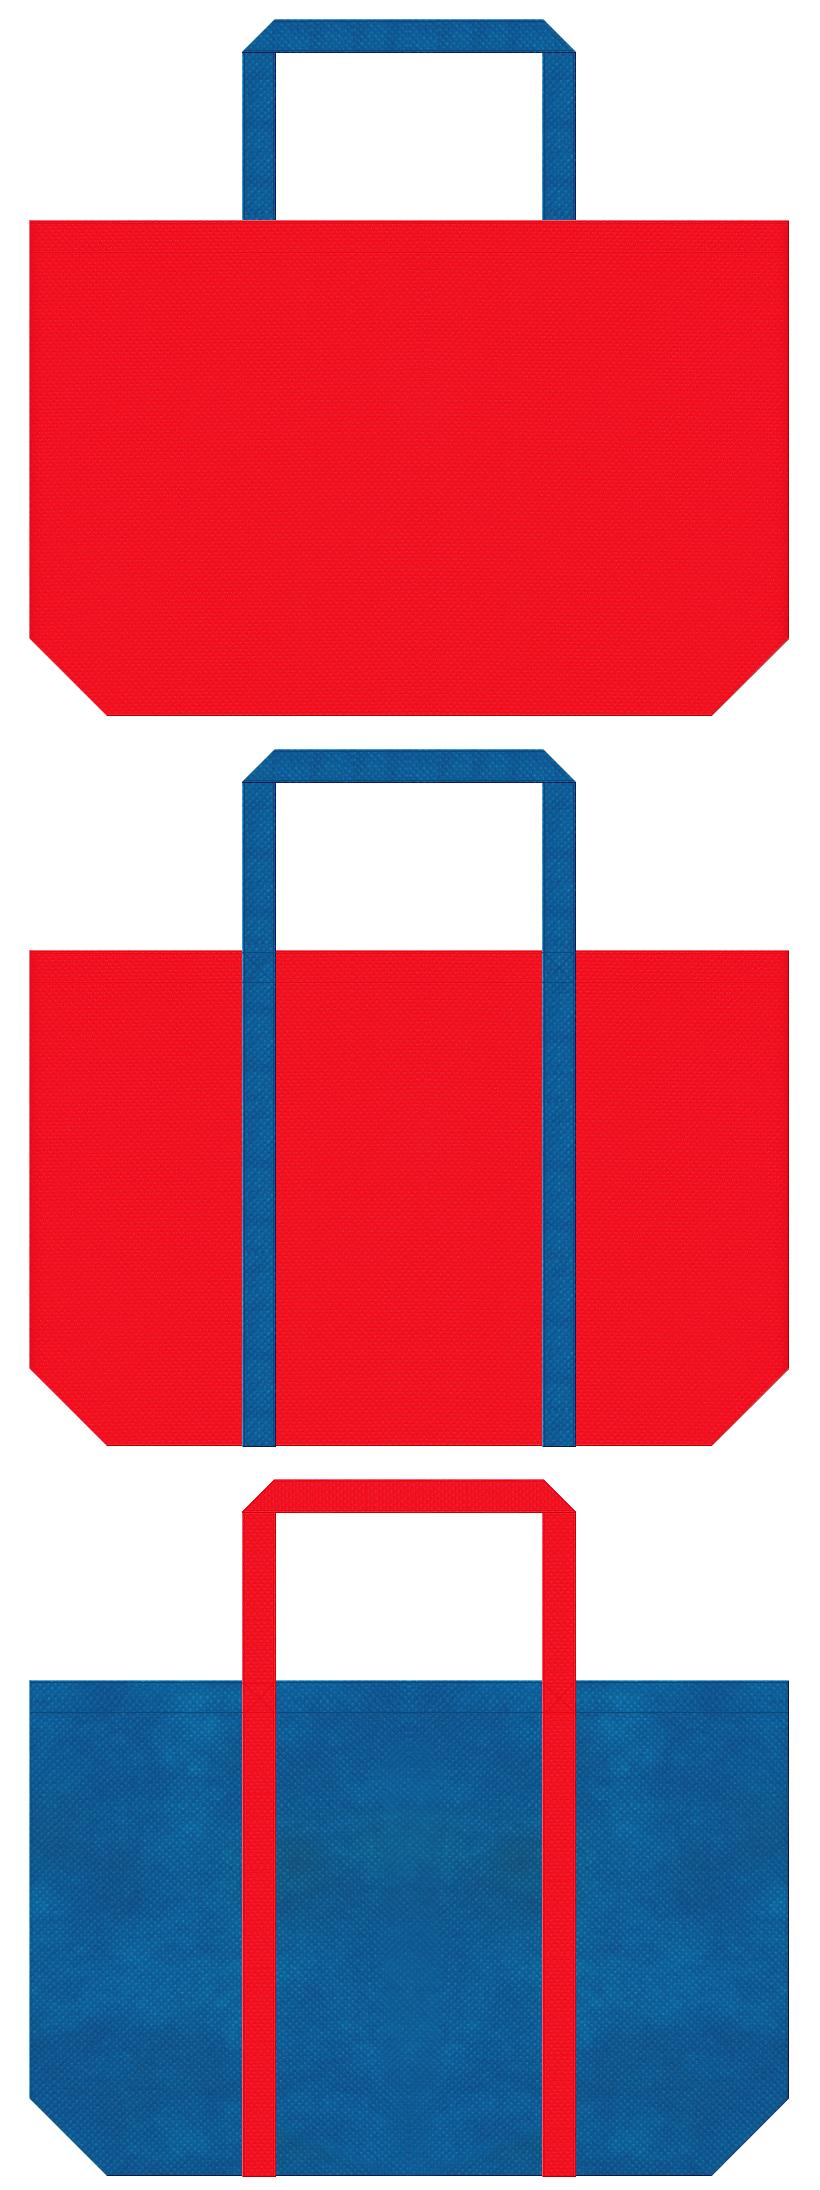 アミューズメント・テーマパーク・キッズイベントのノベルティ・おもちゃの福袋にお奨めの不織布バッグデザイン:赤色と青色のコーデ